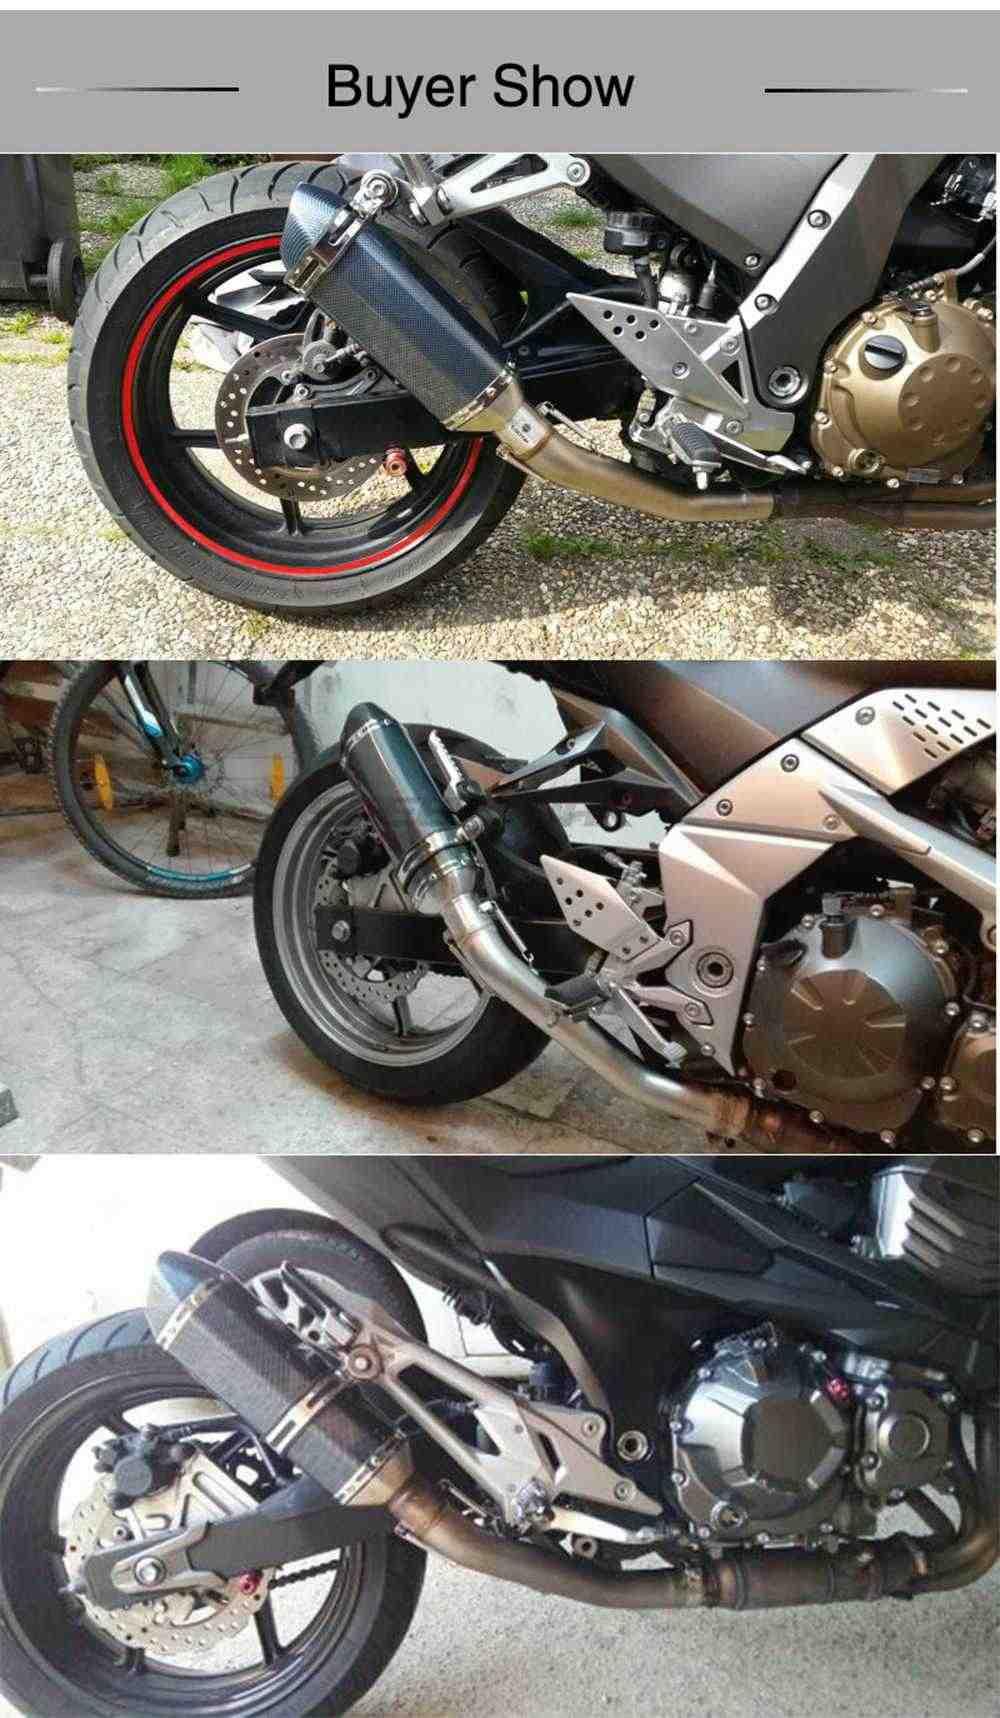 36-51Mm Universele Motorfiets Uitlaat Wijzigen Uitlaat Db Killer Voor Honda Kawasaki Yamaha Suzuki Atv Dirt Pit